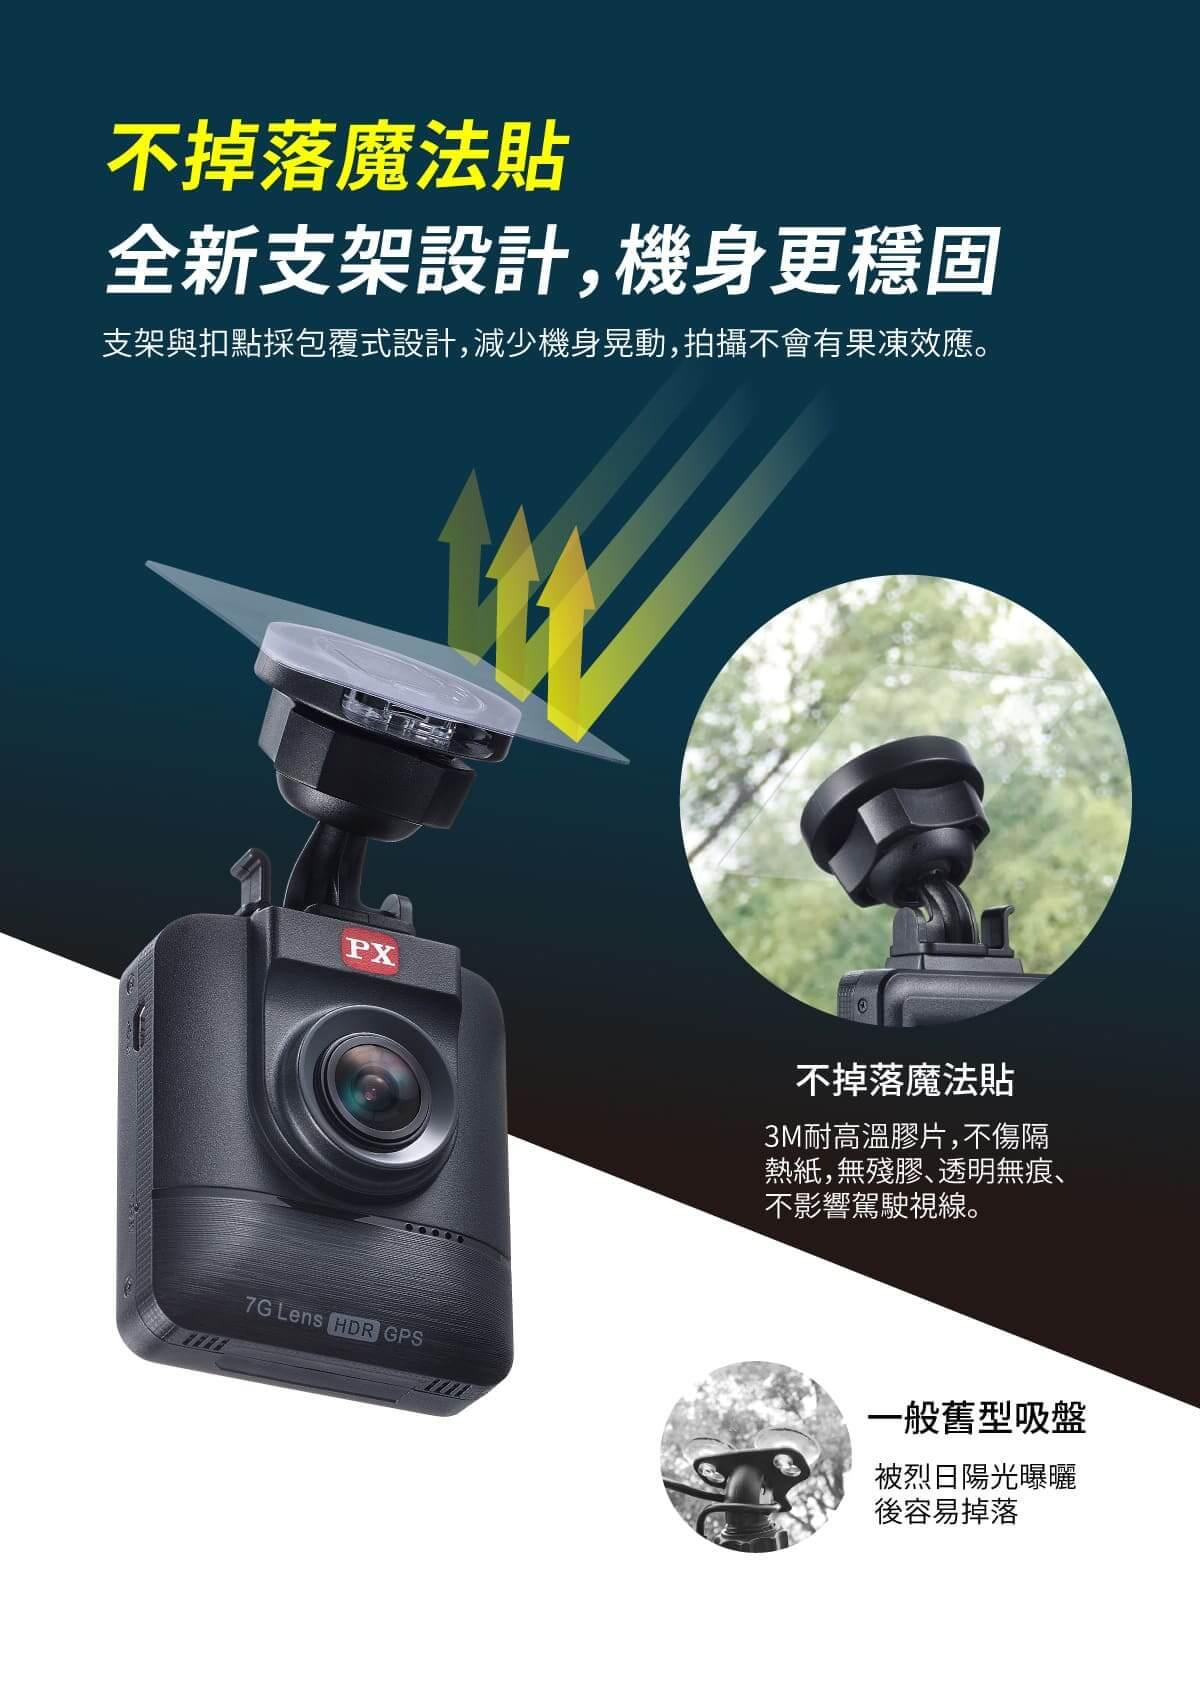 proimages/product/Dash_Cam/HR7PRO/13.jpg